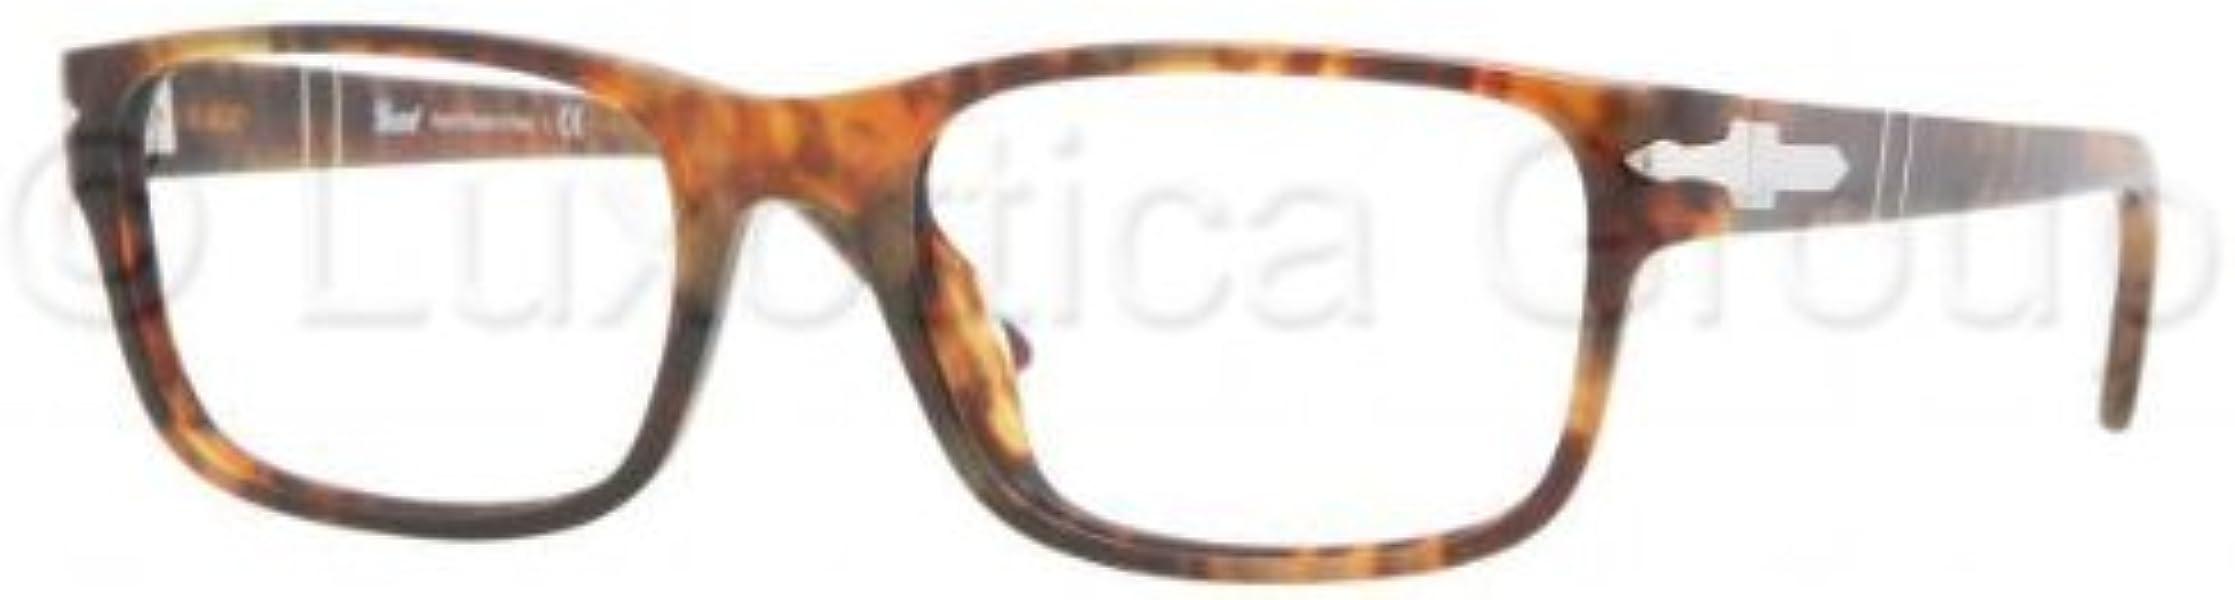 300073eb6d Amazon.com  Persol Po2986v Eyeglasses 108 52 18 140  Shoes